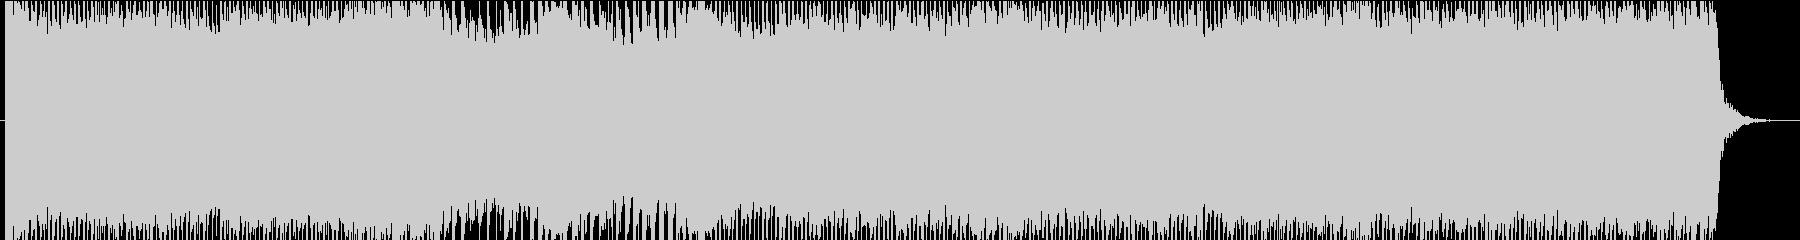 アニソンOP風デジタル★テクノポップ曲♪の未再生の波形